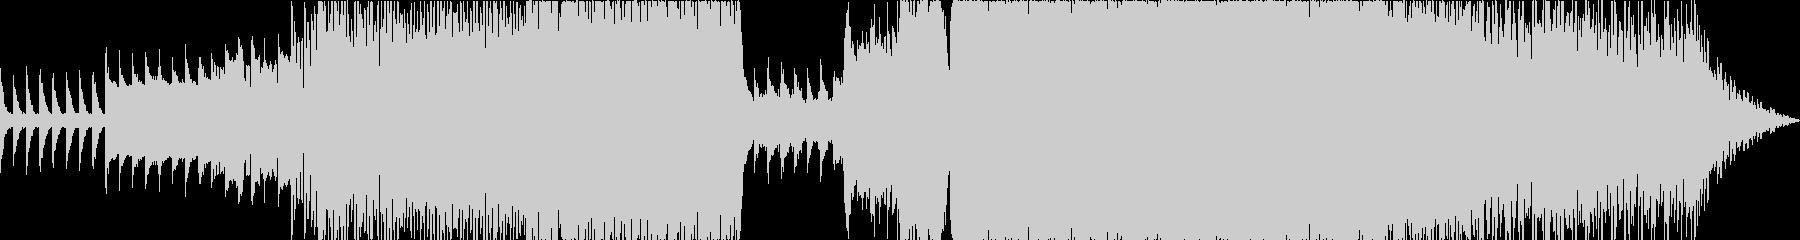 バンドゥーラなしの未再生の波形